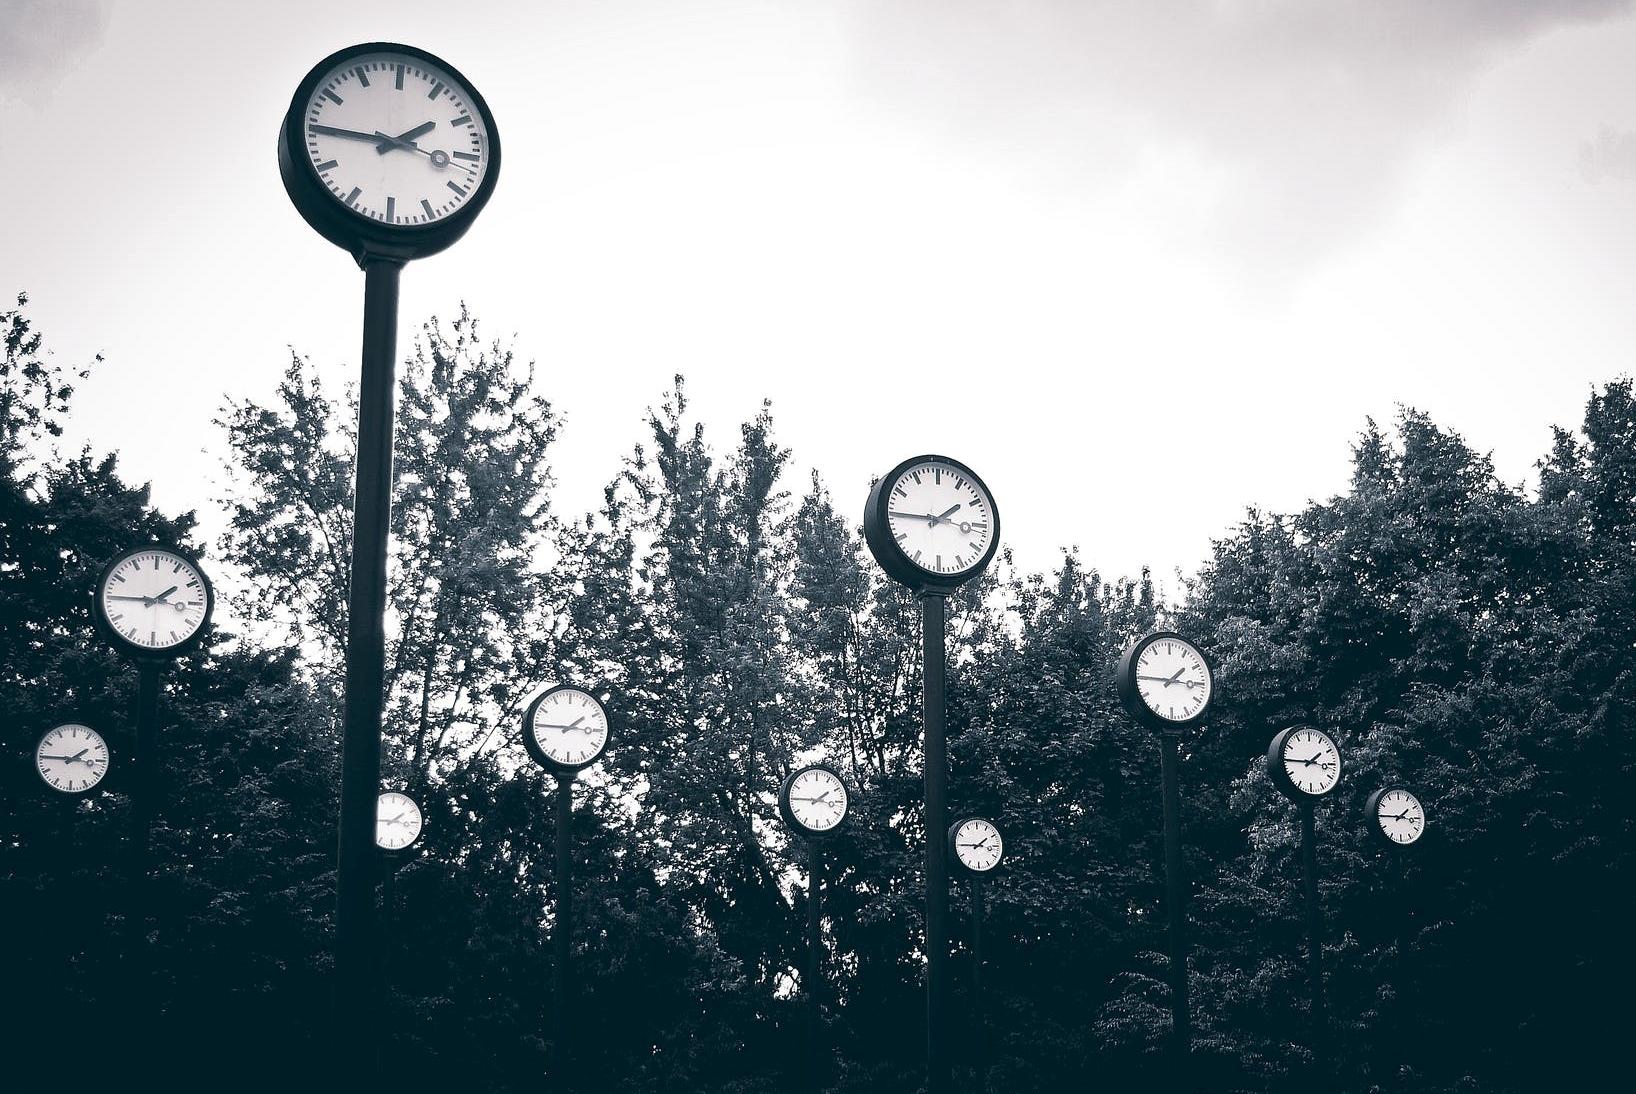 art city clock clock face